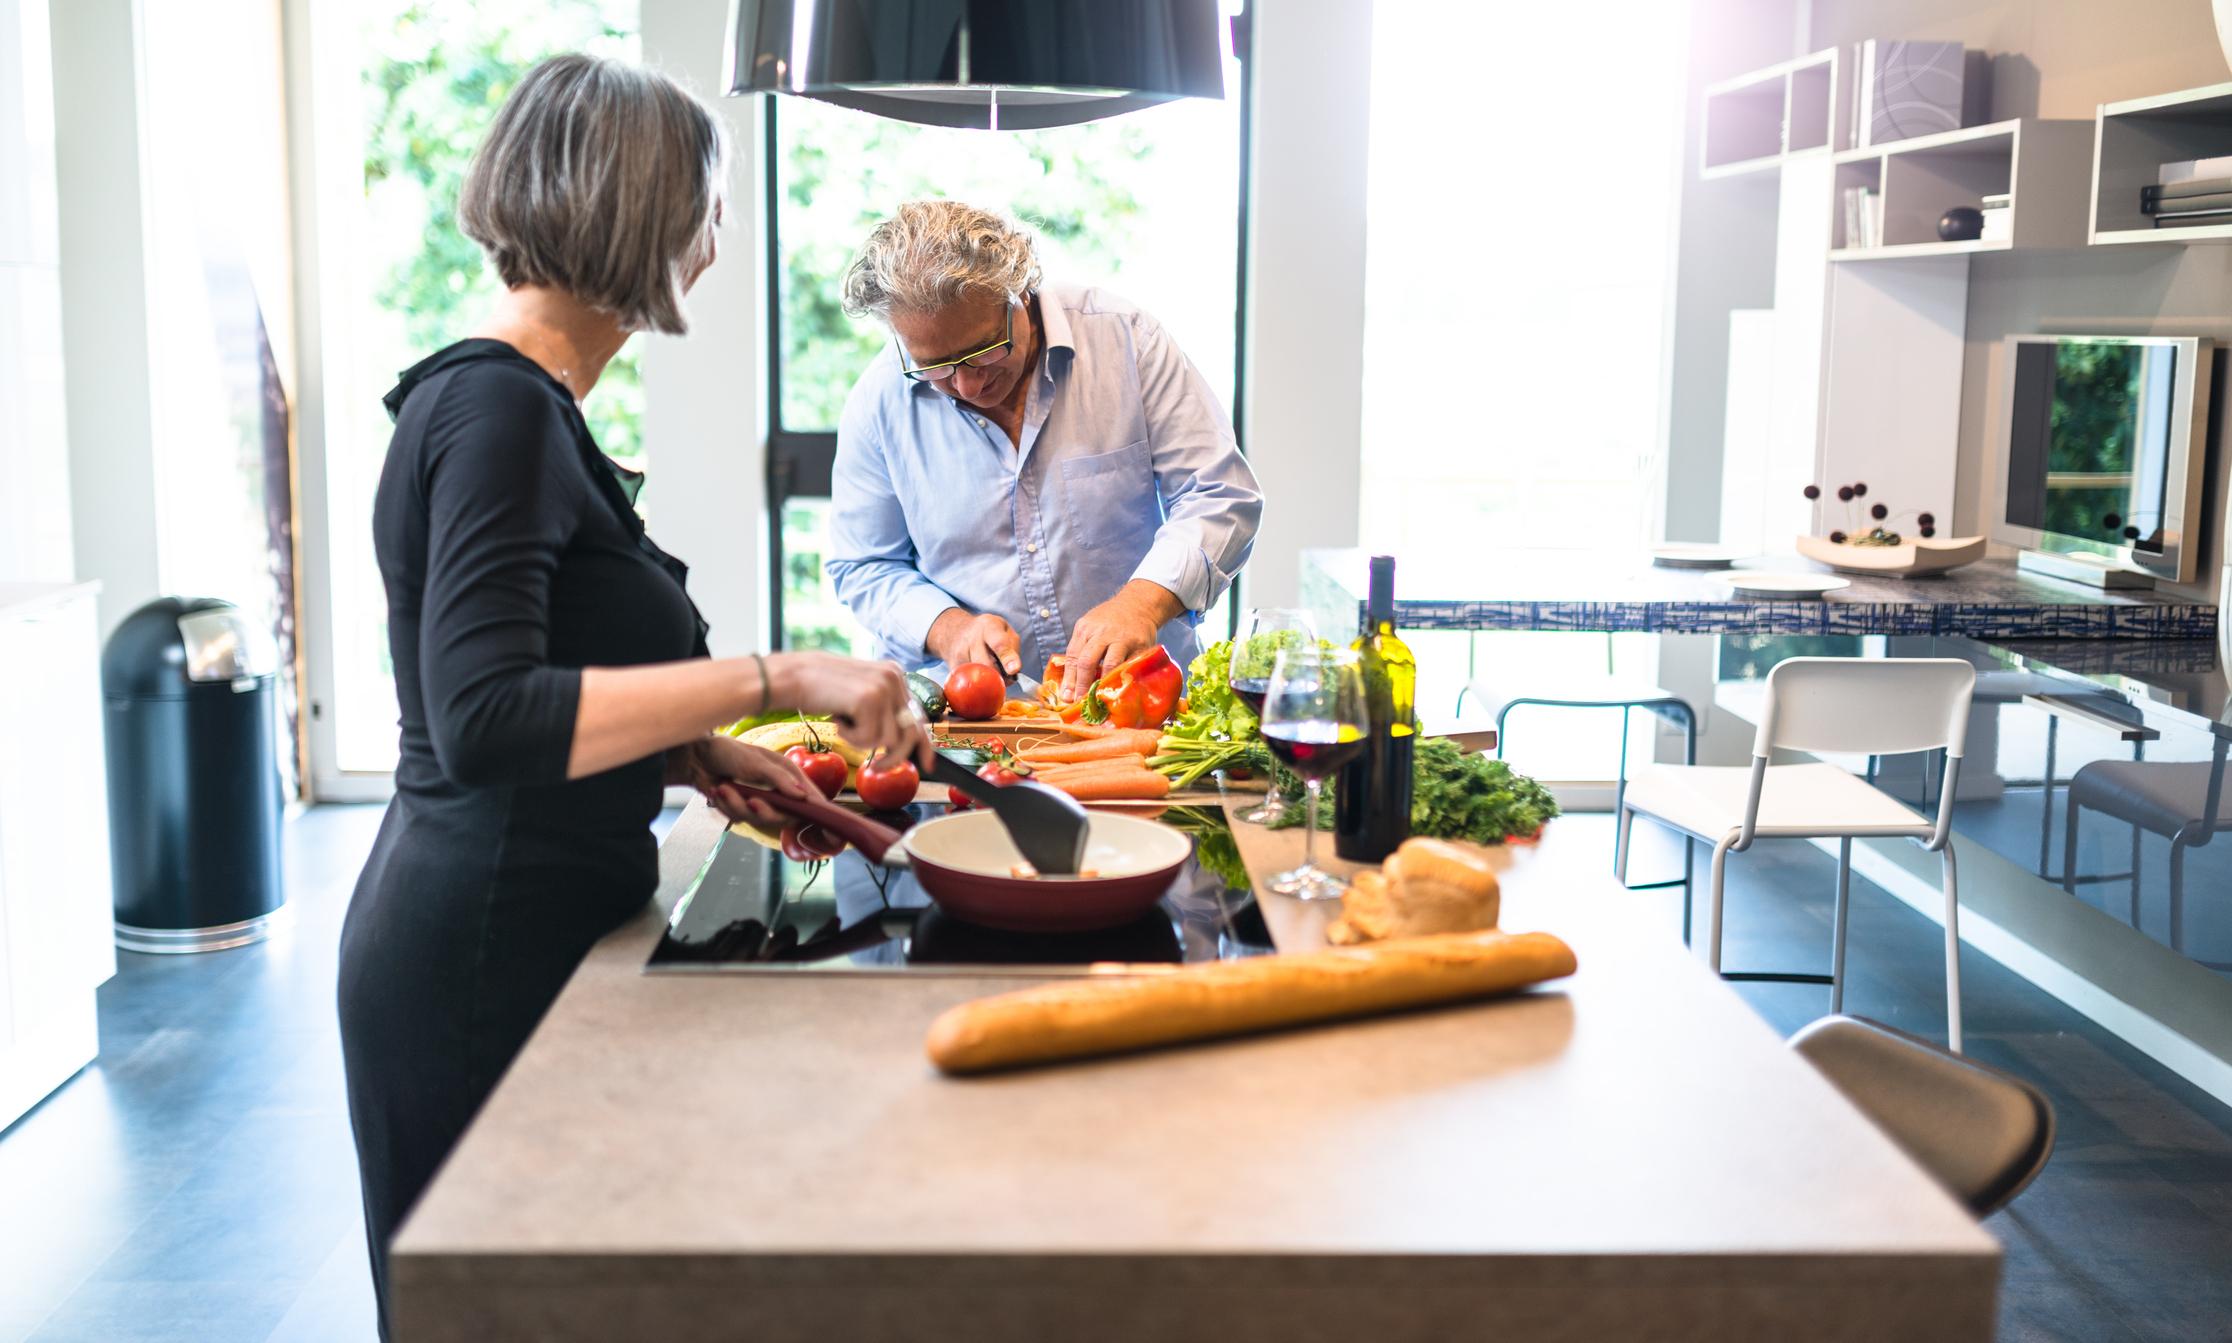 Die moderne Küche verbindet Wohnlichkeit mit Komfort, denn Kochen und Essen macht mit Freunden und der Familie noch viel mehr Spaß.